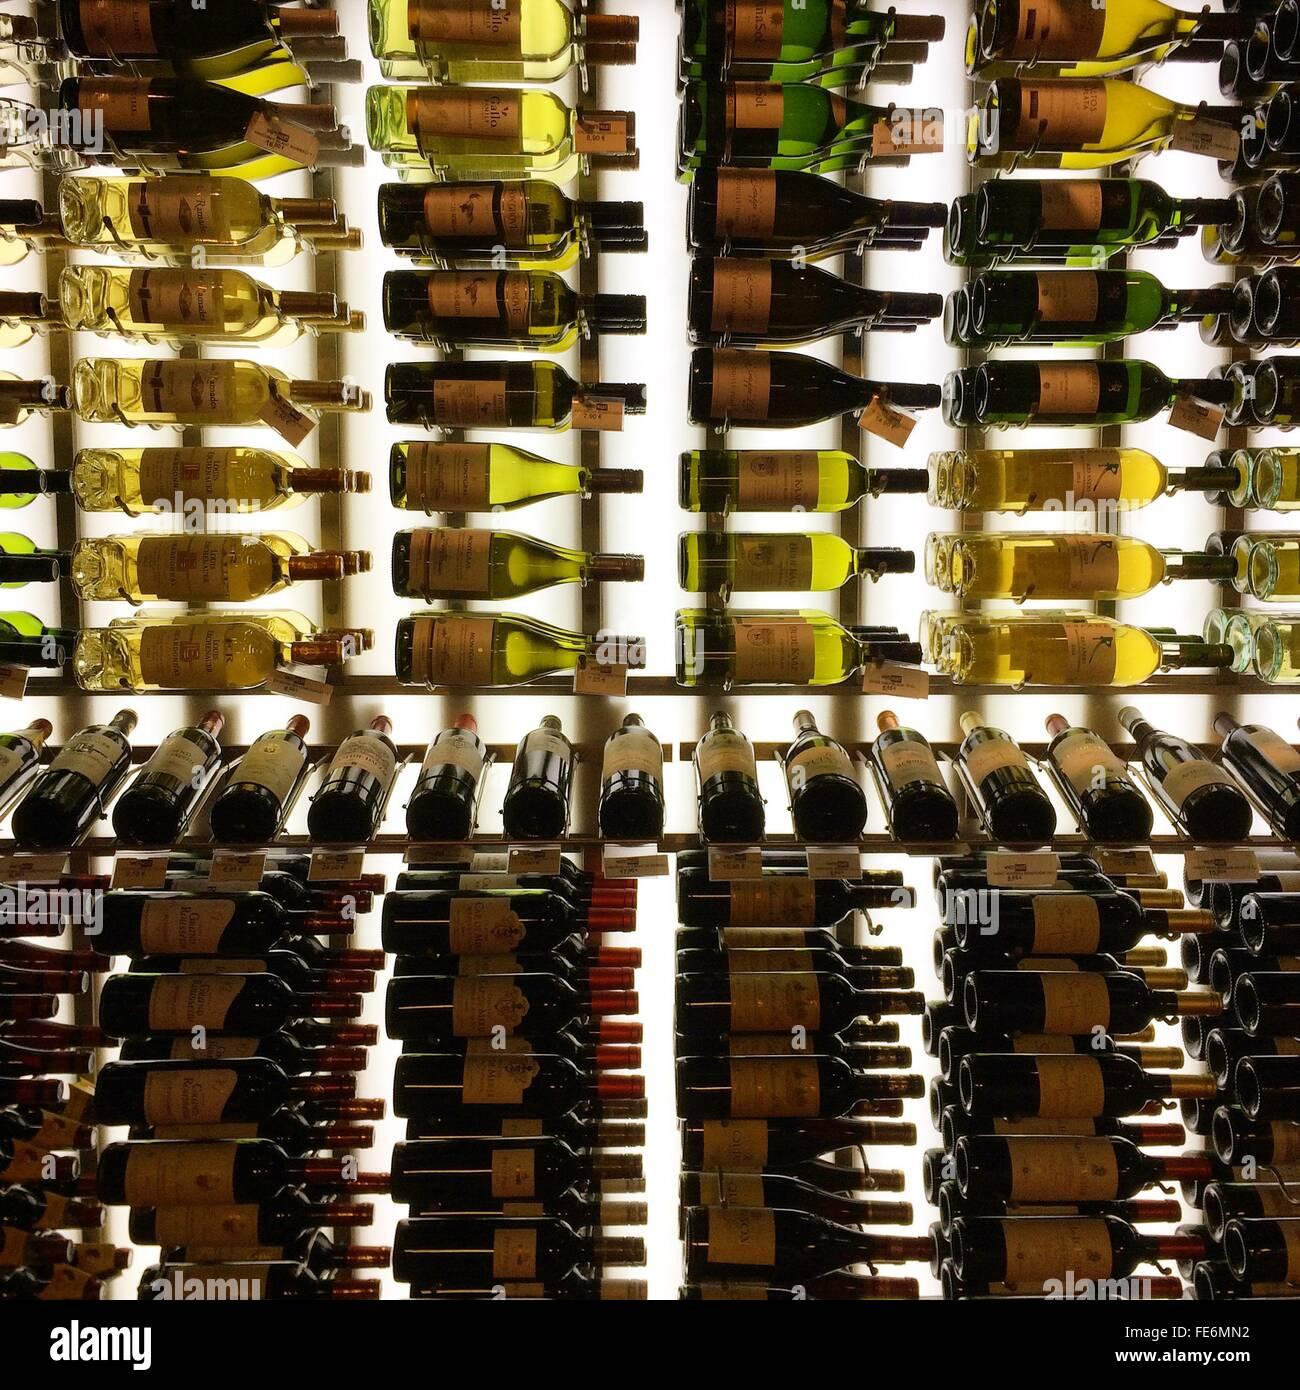 Las botellas de vino en los estantes Imagen De Stock